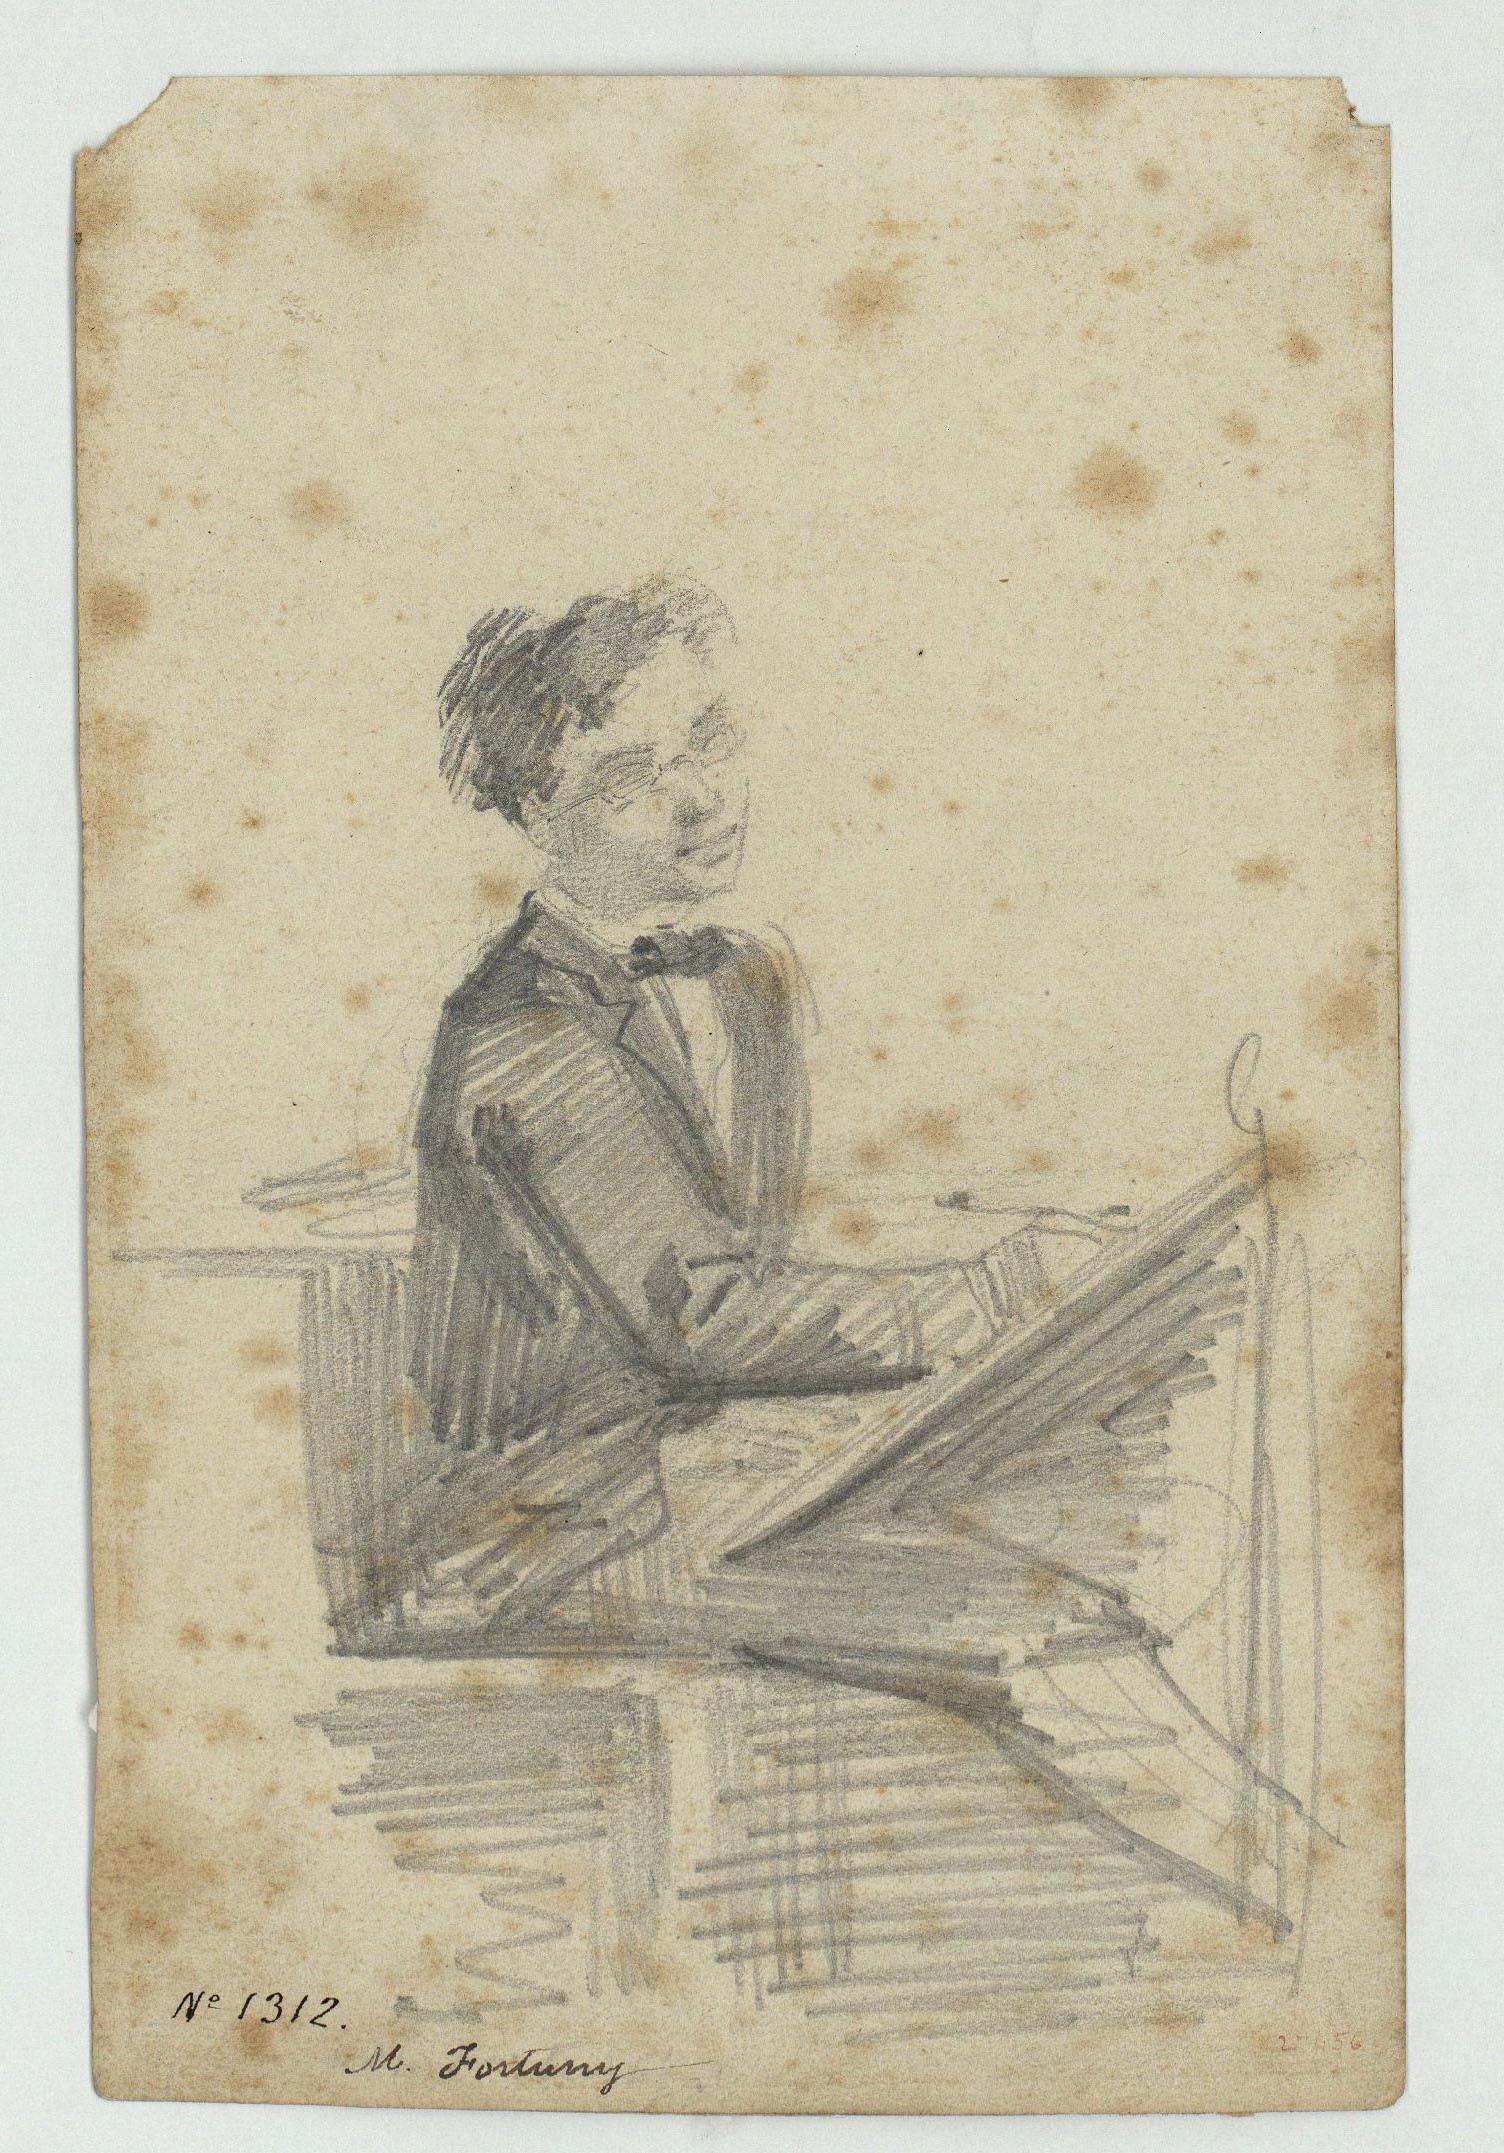 Marià Fortuny - En Torrens gravador - Cap a 1856-1858